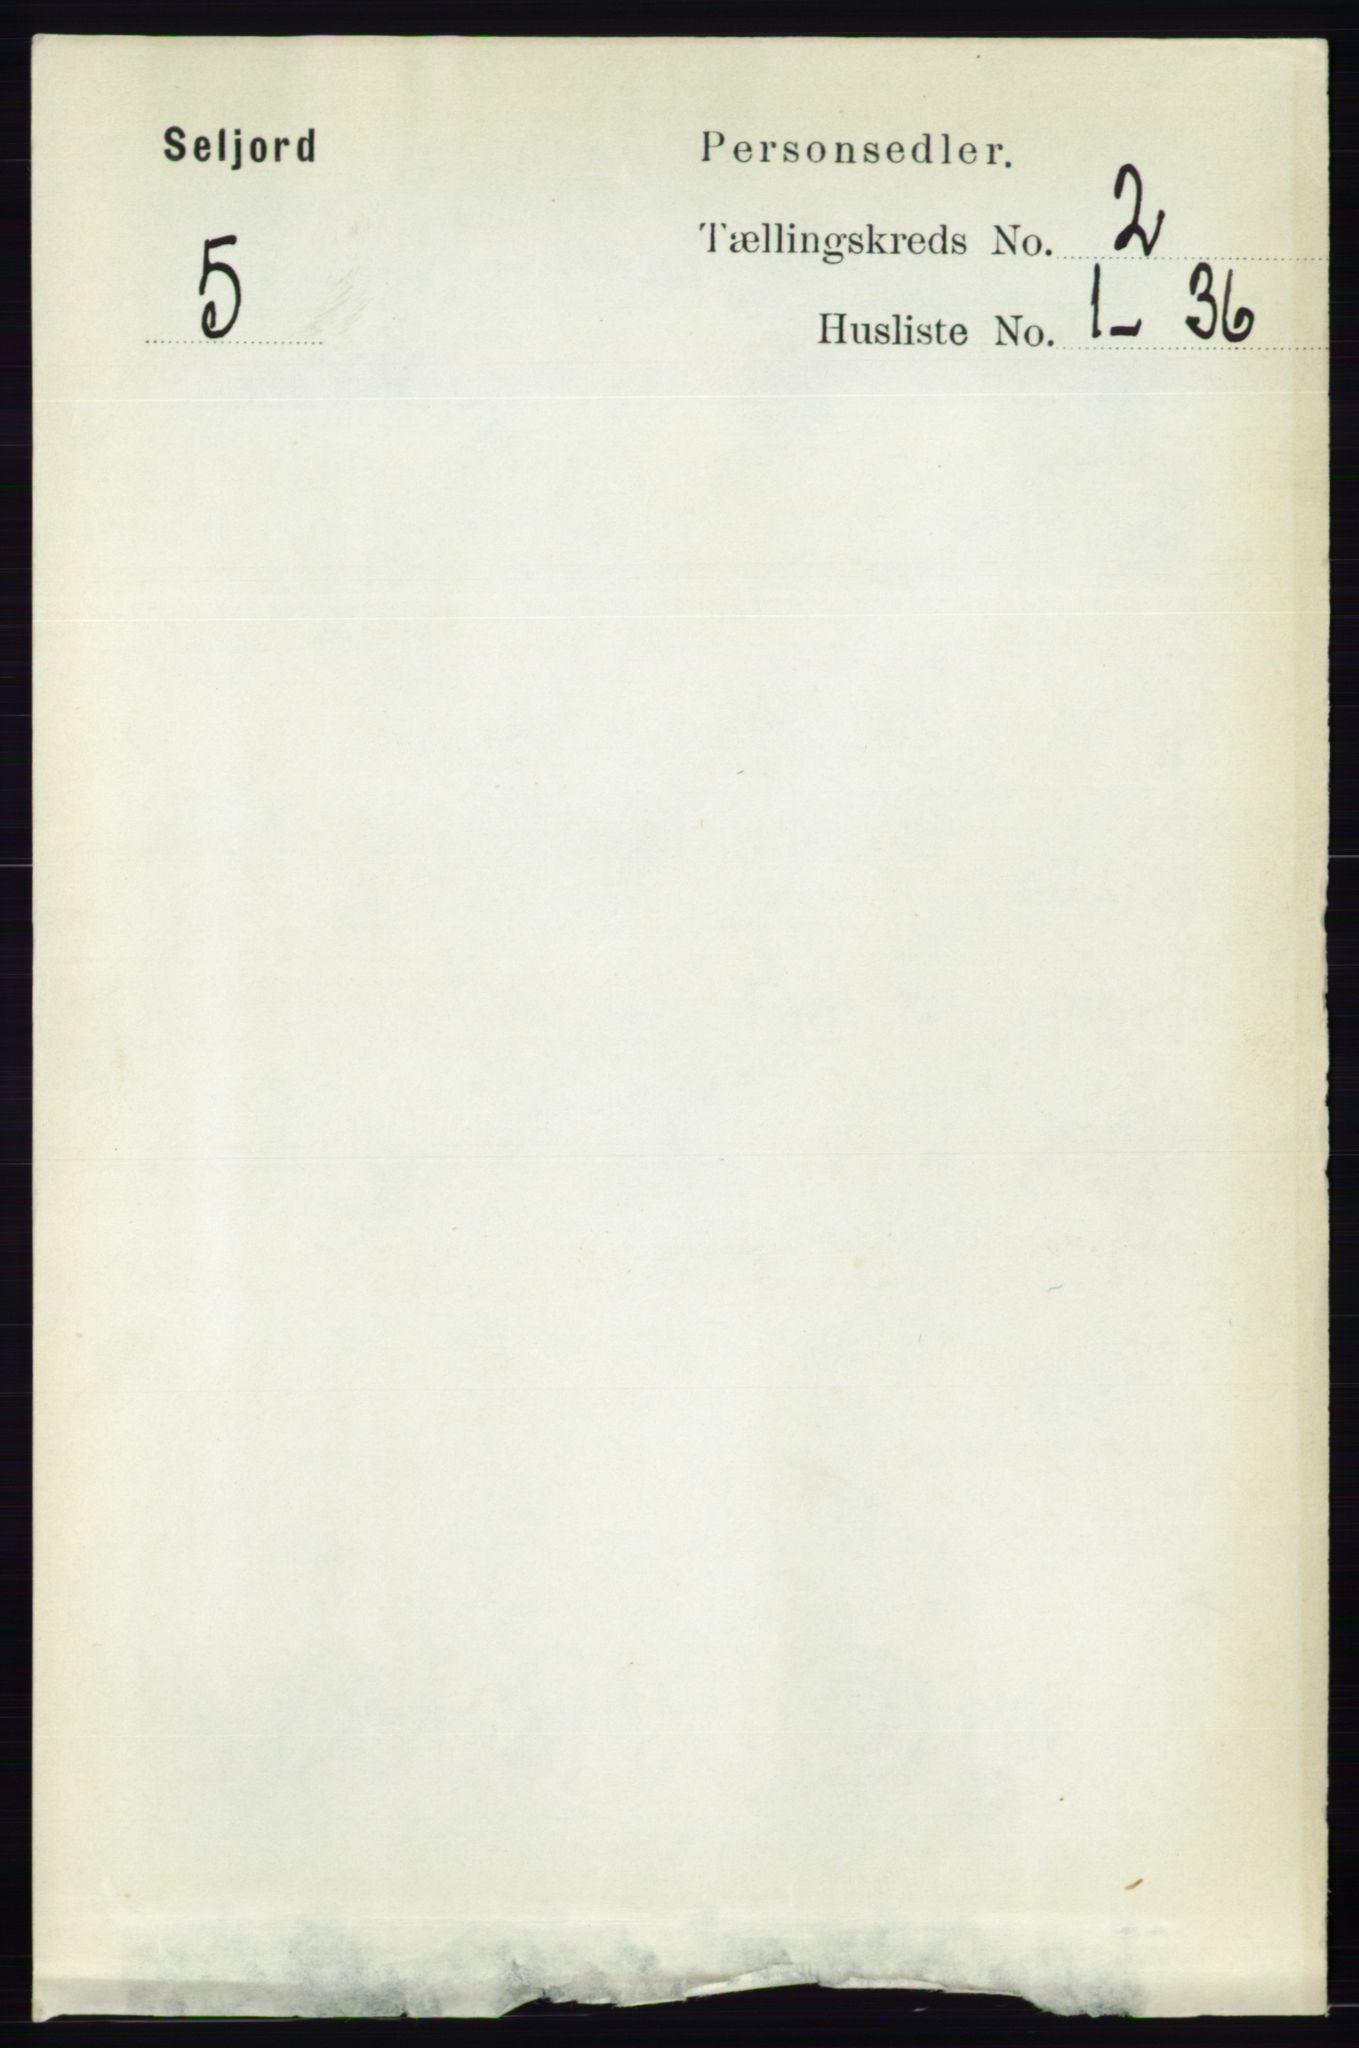 RA, Folketelling 1891 for 0828 Seljord herred, 1891, s. 570